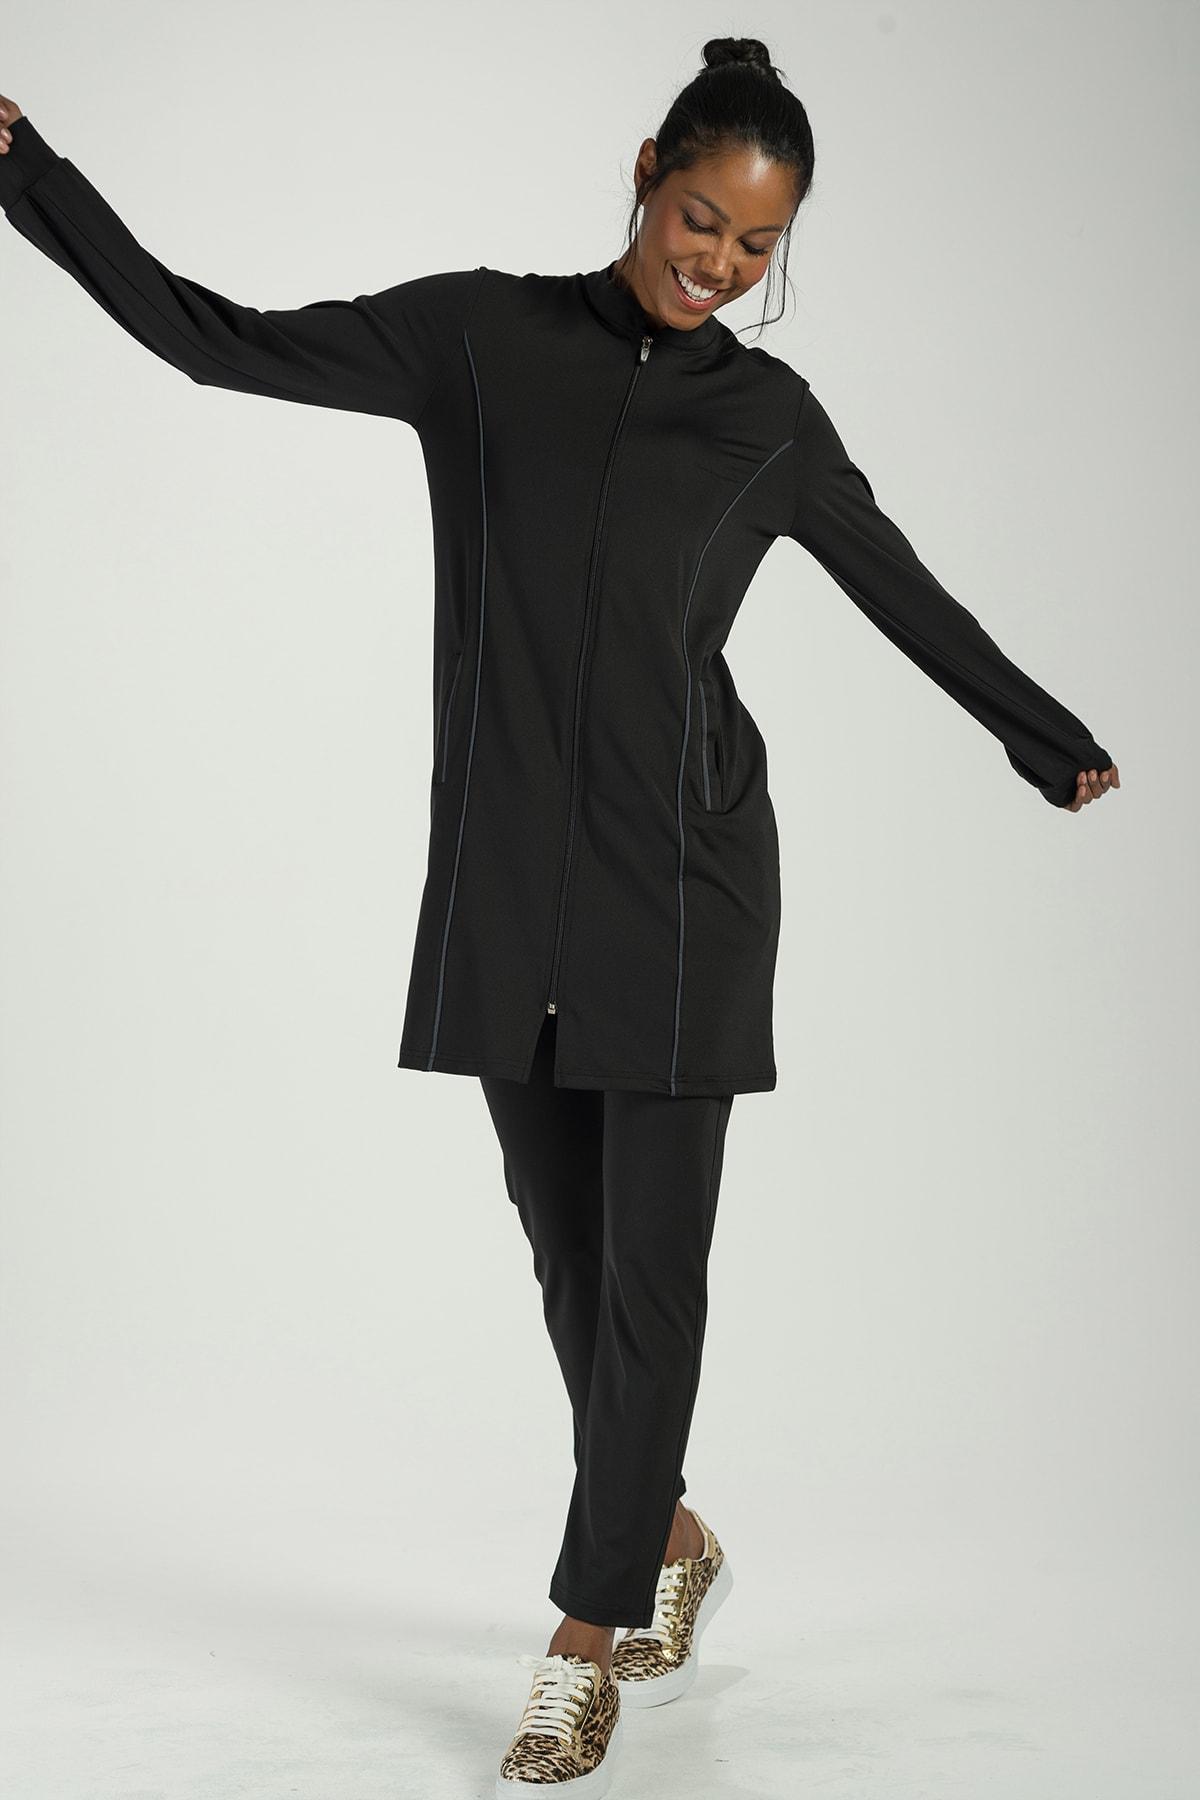 Runever Kadın Siyah Antrasit Tunik Takım 1